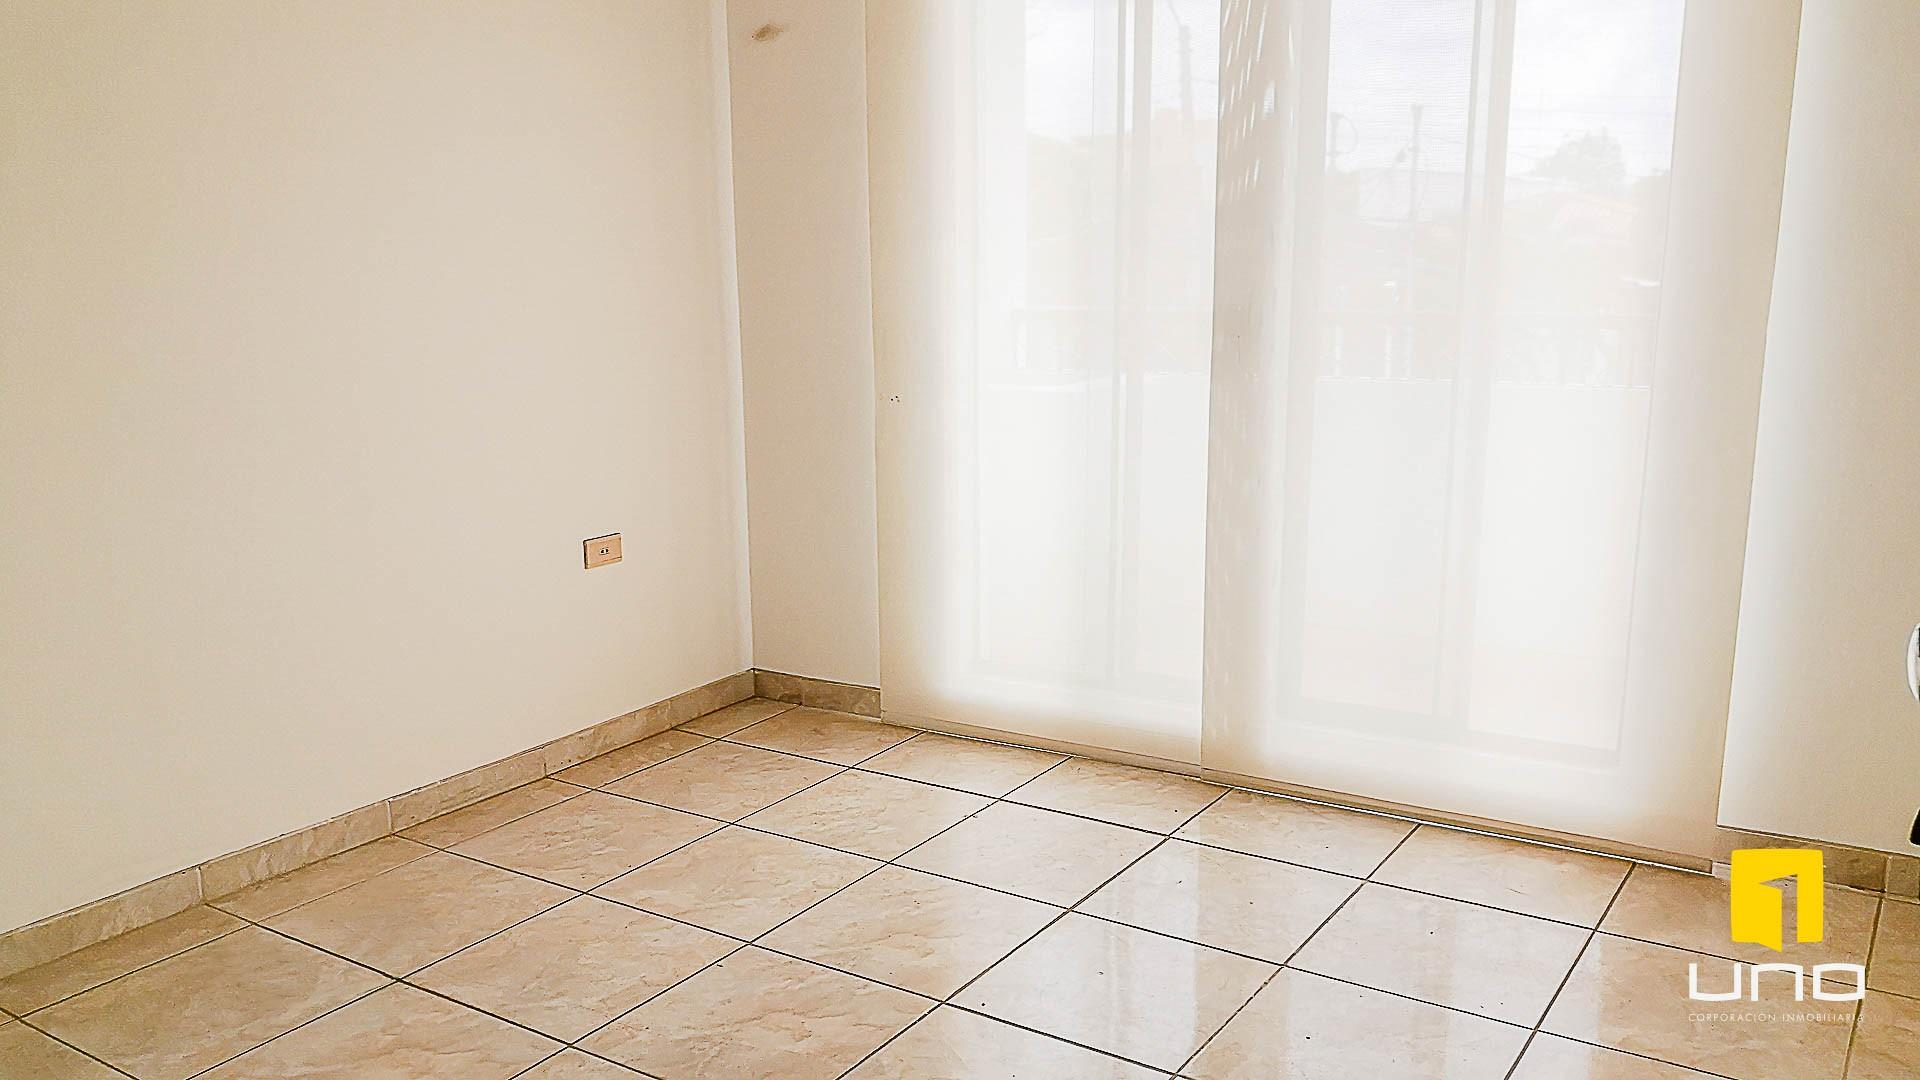 Casa en Venta $us 150.000 VENDO CASA AV ALEMANA DENTRO 3ER ANILLO TIPO DUPLEX Foto 7